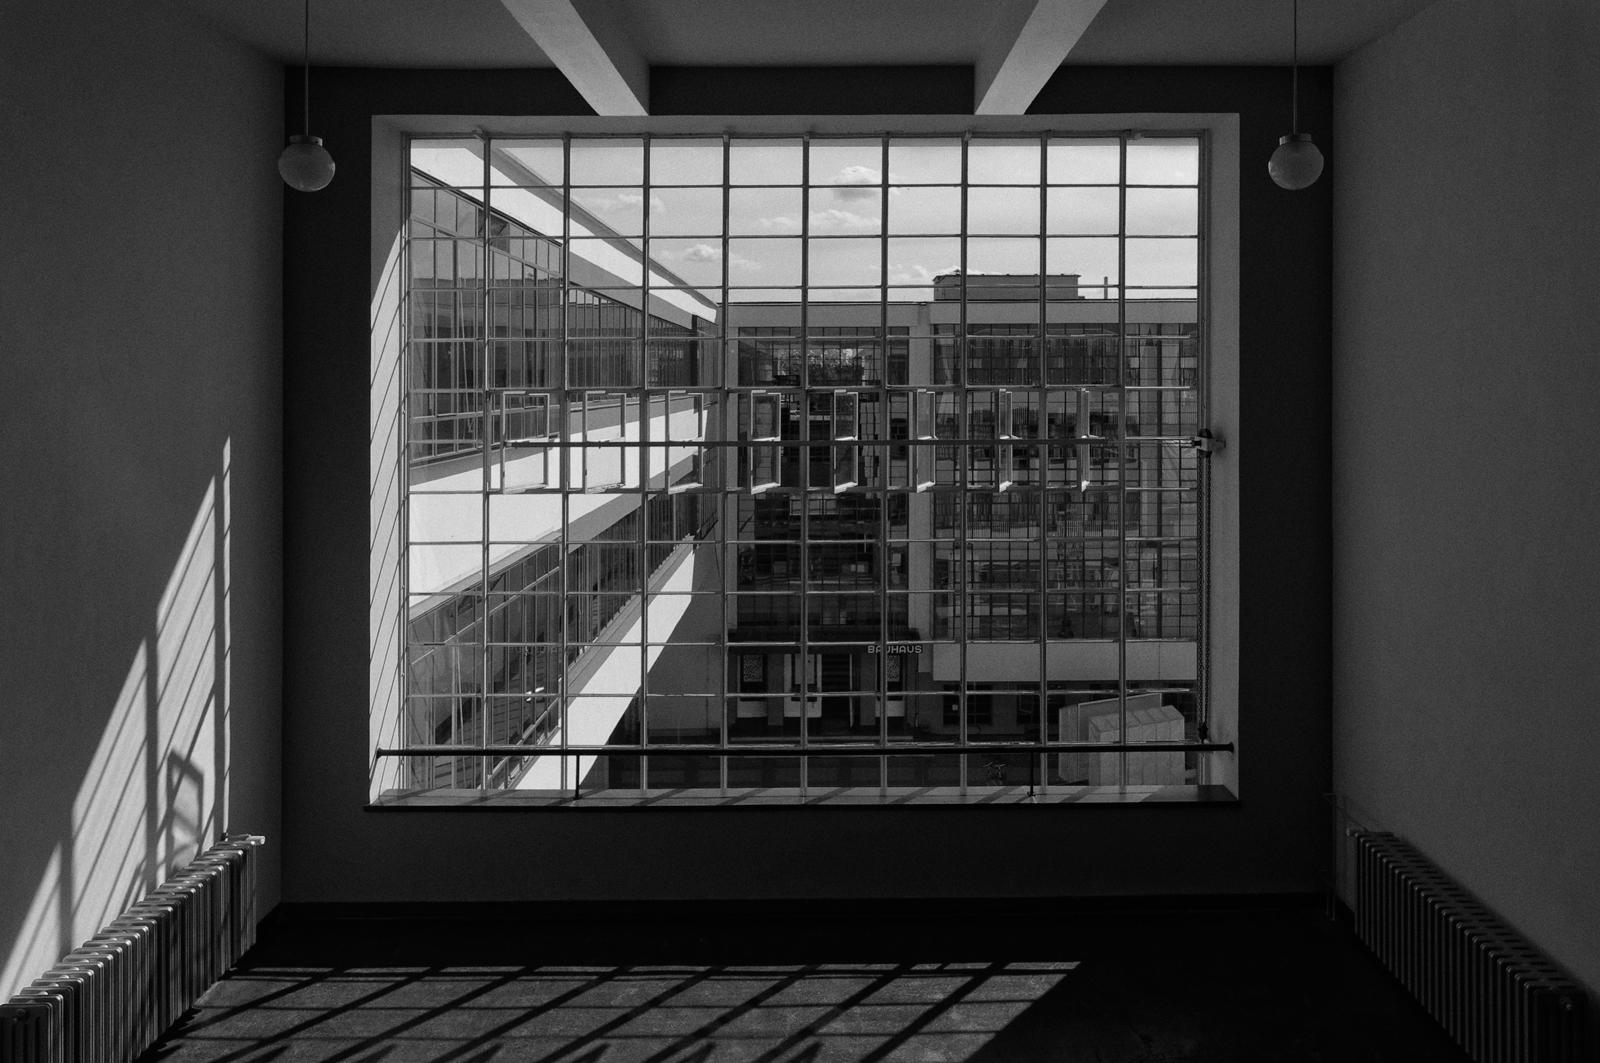 Full Size of Bauhaus Dessau Ausblick Foto Bild World Heizkörper Bad Elektroheizkörper Badezimmer Wohnzimmer Fenster Für Wohnzimmer Heizkörper Bauhaus